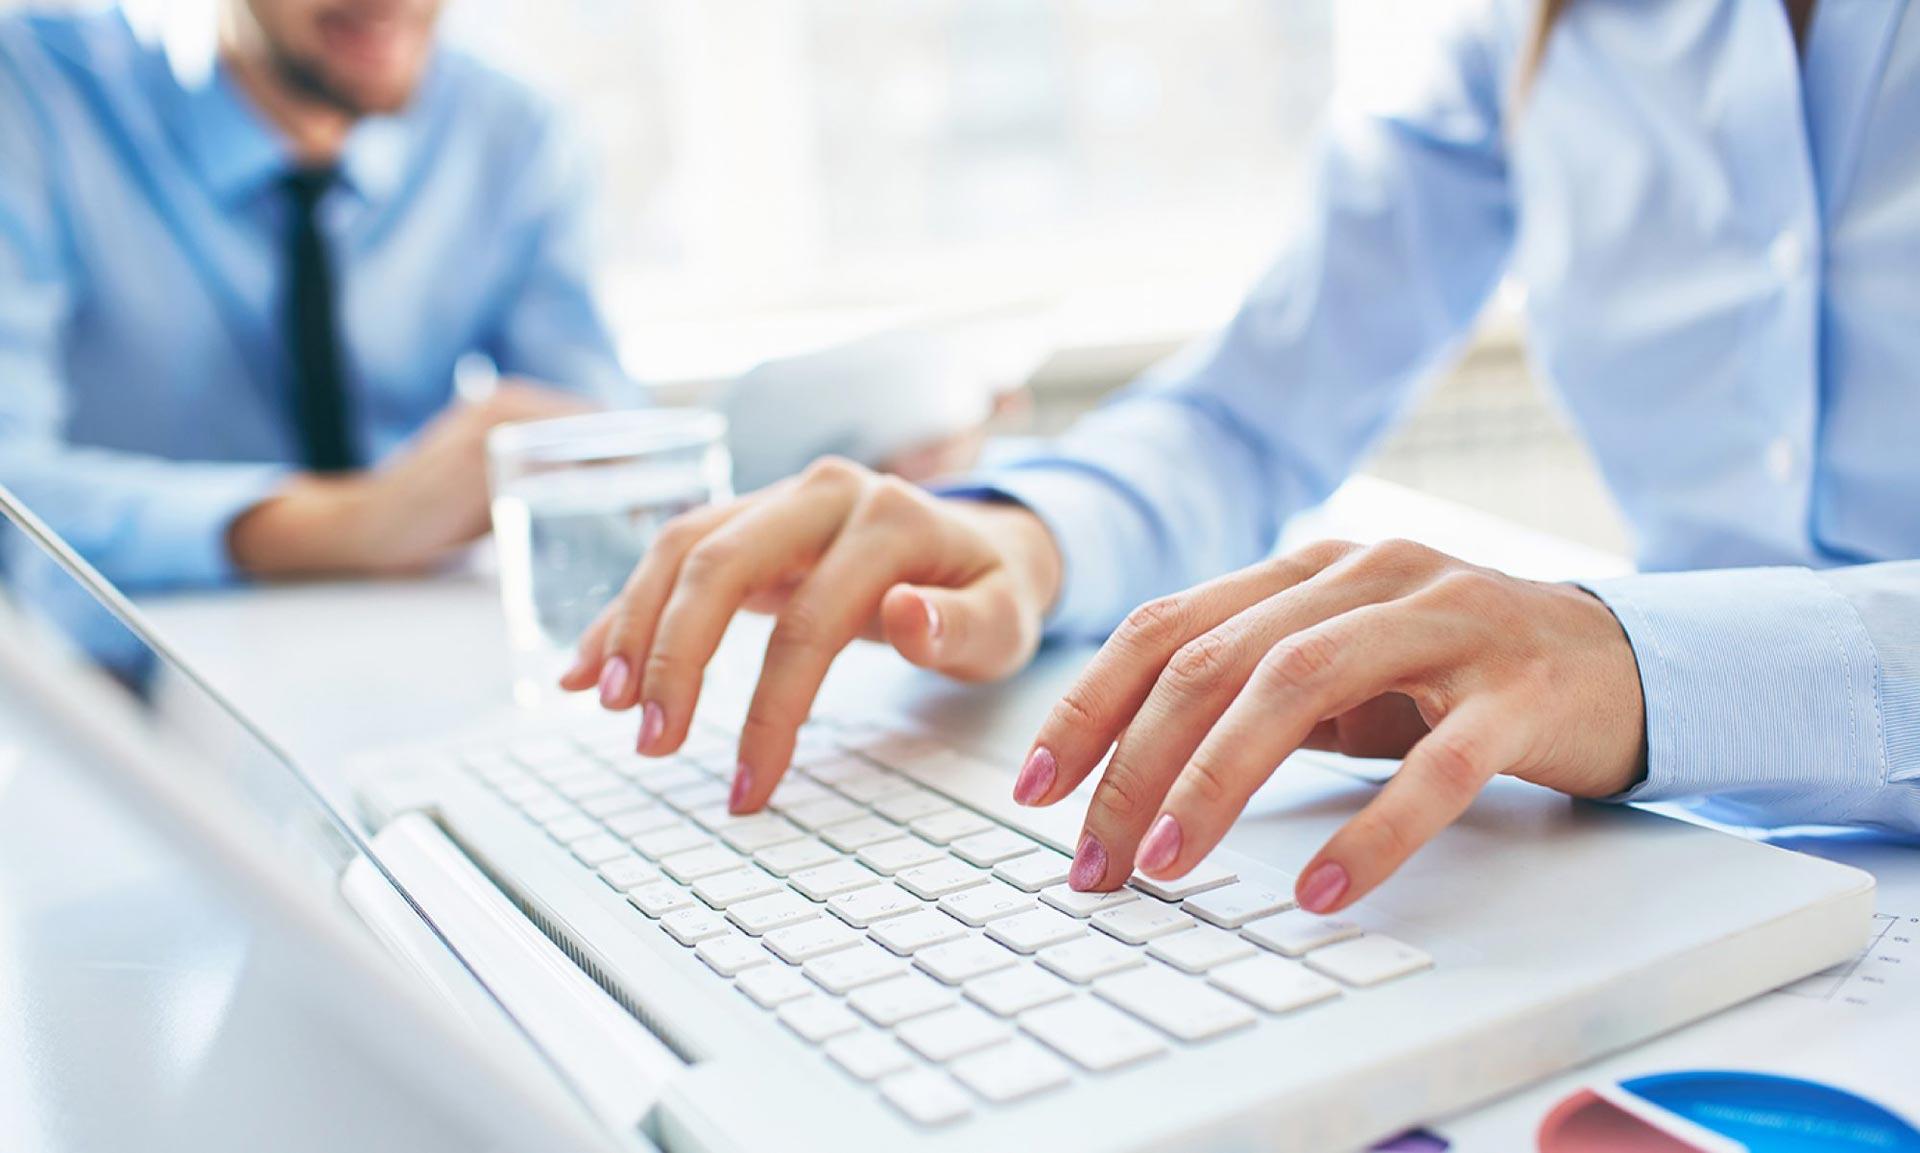 20.12.18г. в 20.00. Вебинар: Продажа товаров через интернет с нуля до первых заказов